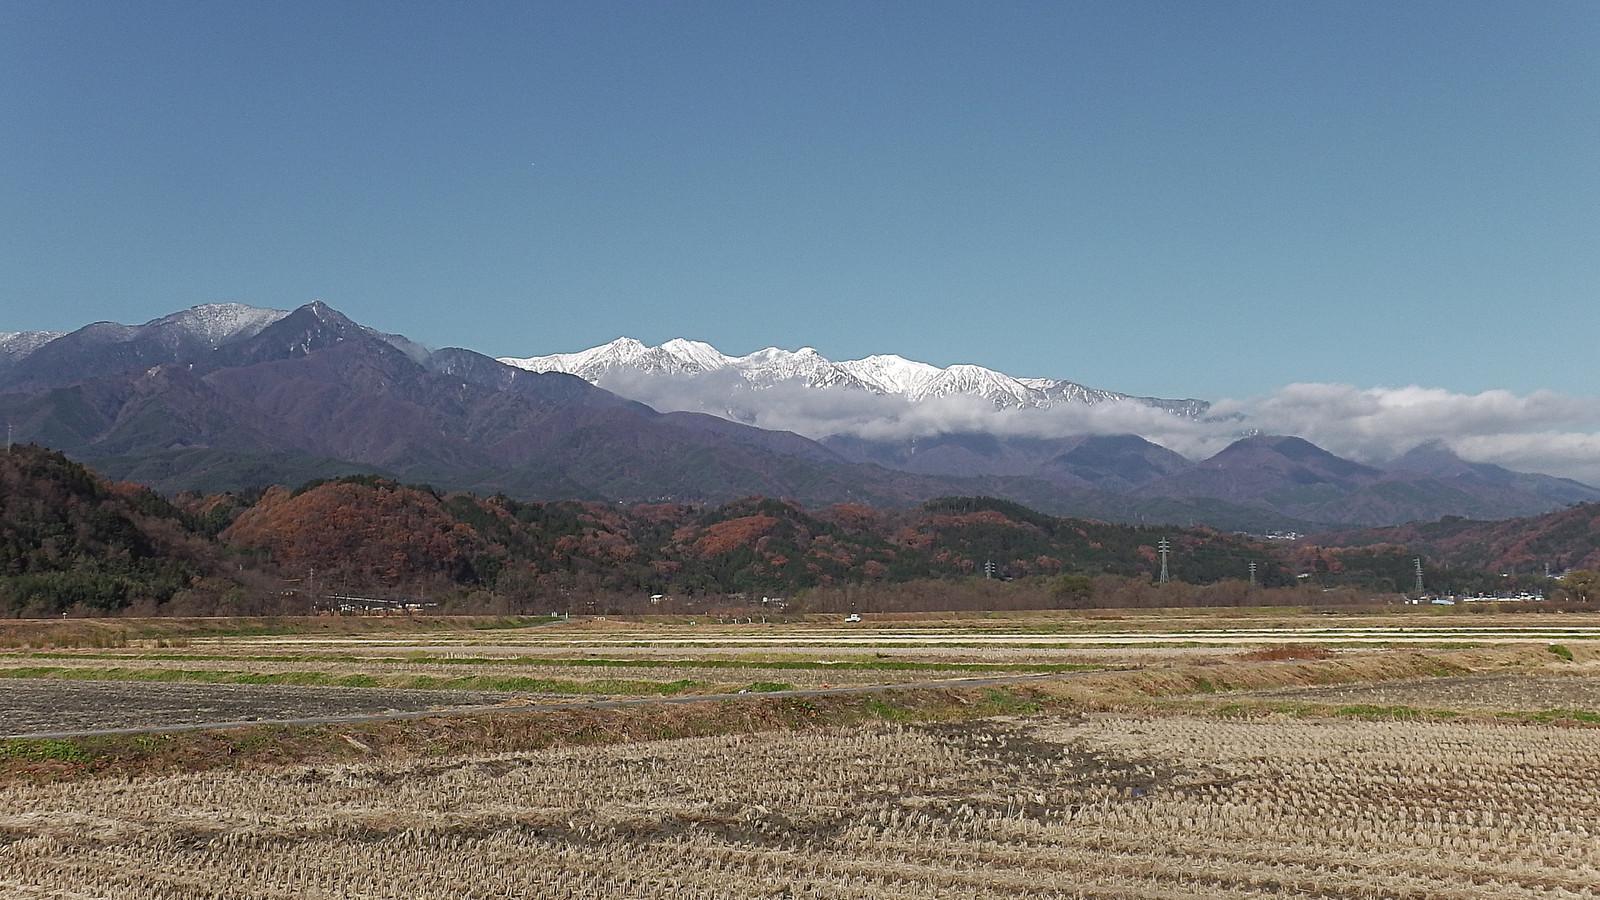 中川村渡場から南駒ヶ岳を望む